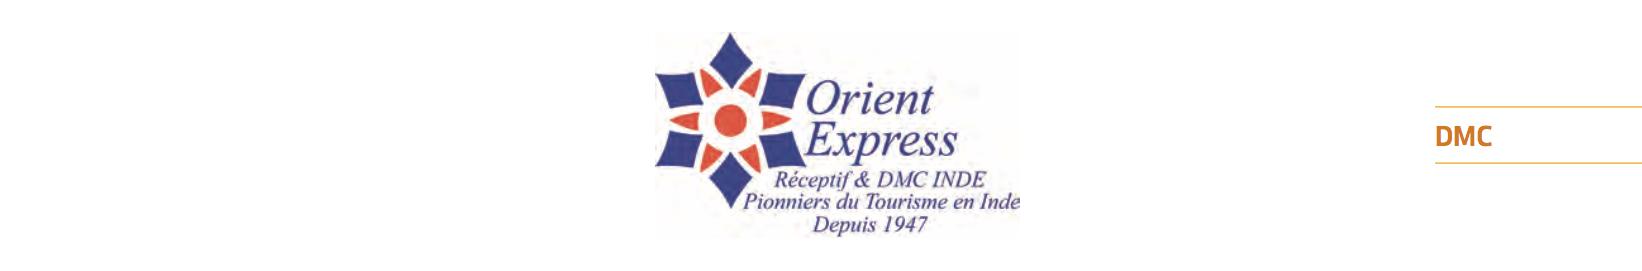 enteteorient_express